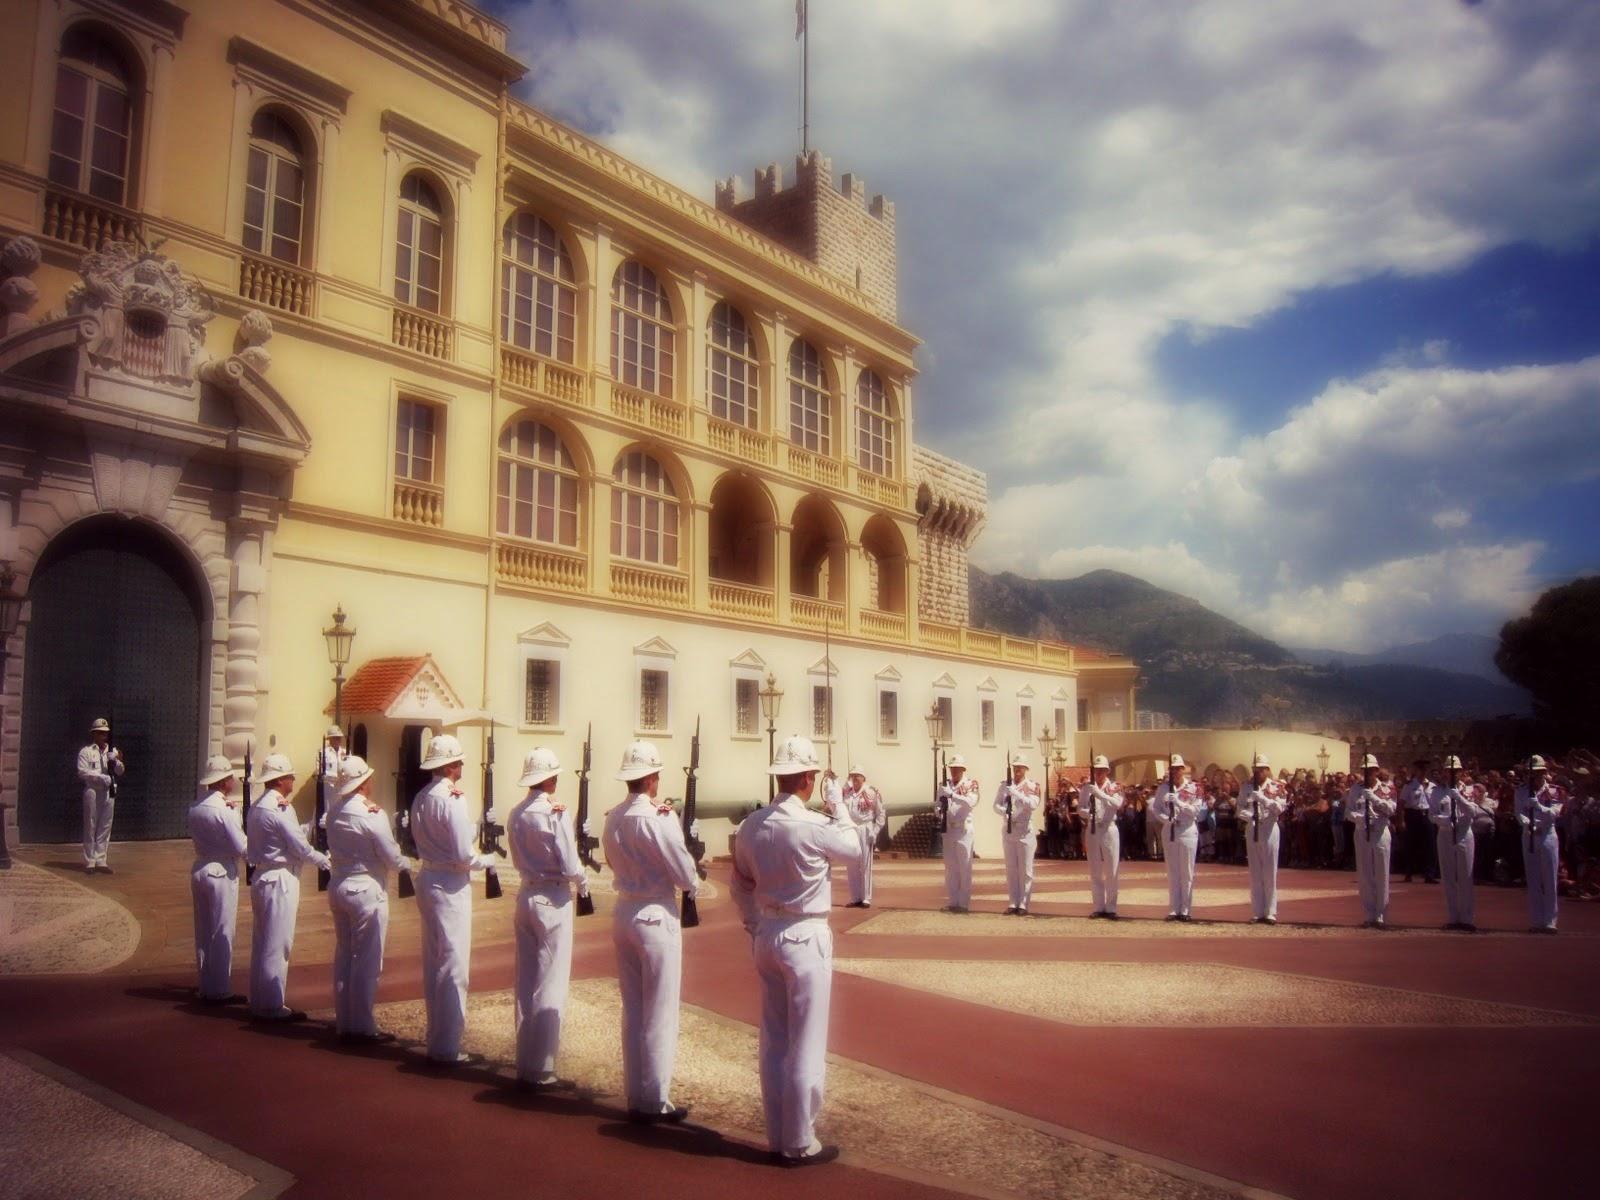 Cambio de guardia Monaco